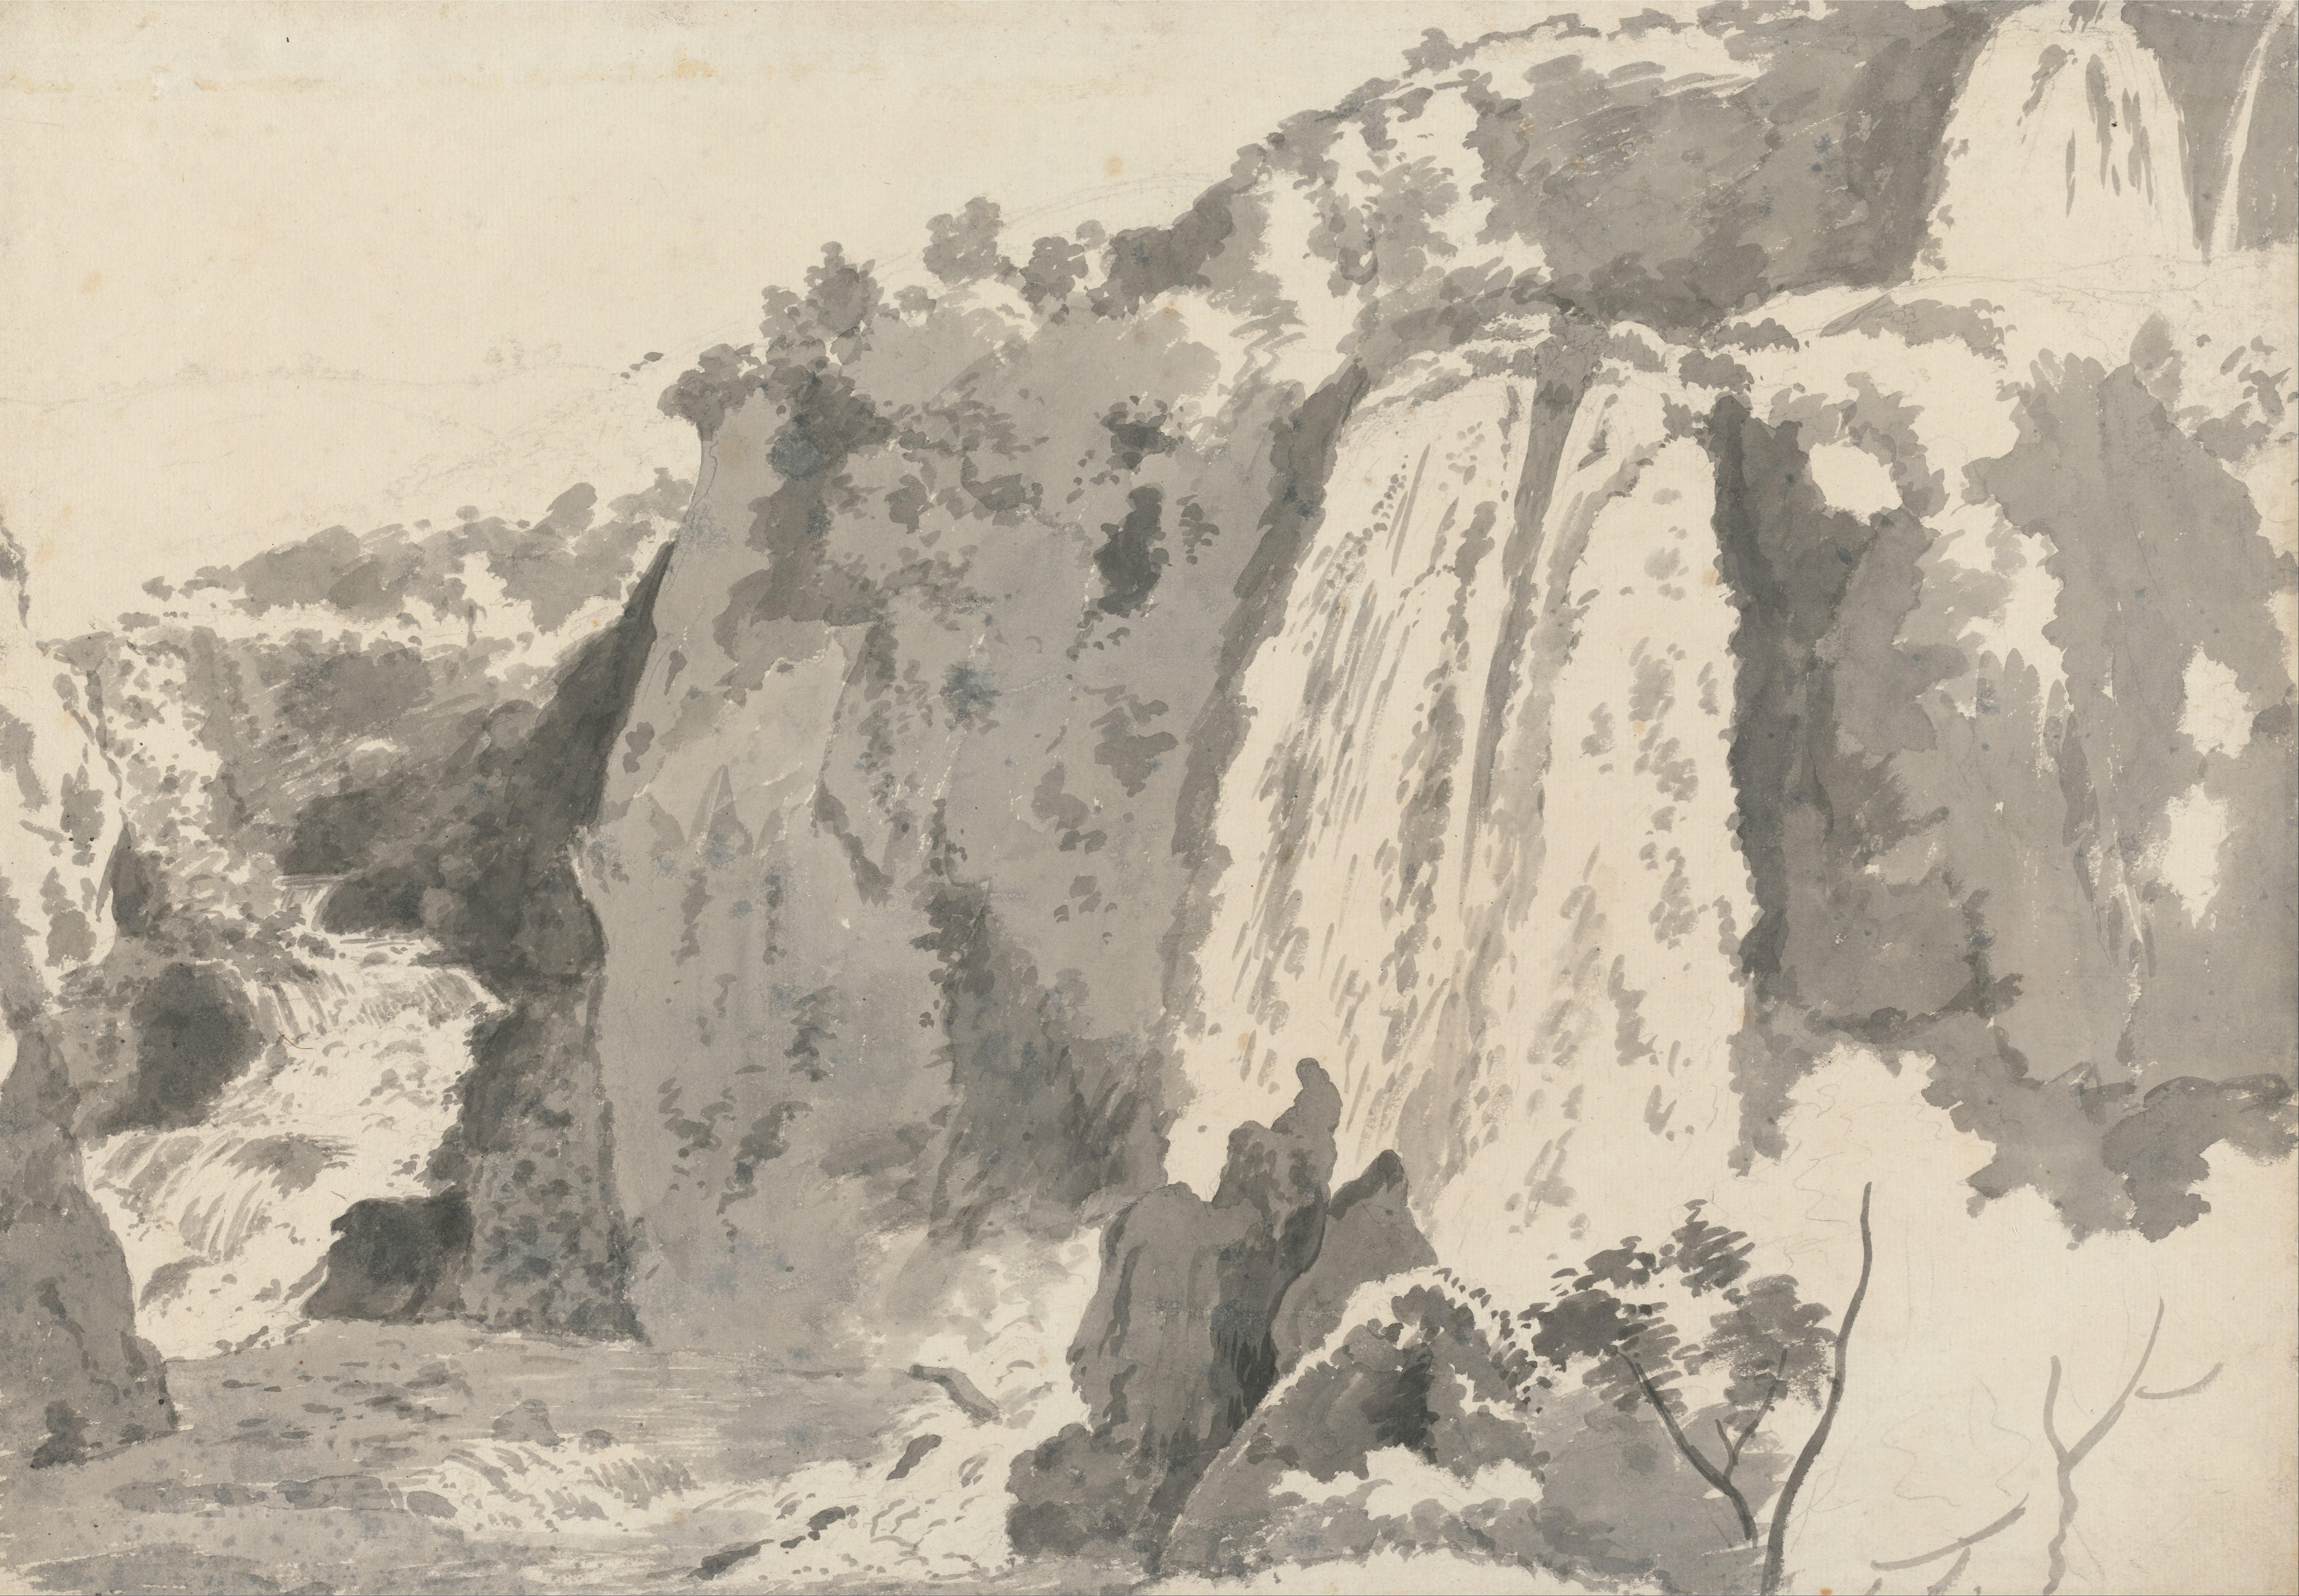 Drawn rock rocky landscape Rocky Waterfalls of Landscape